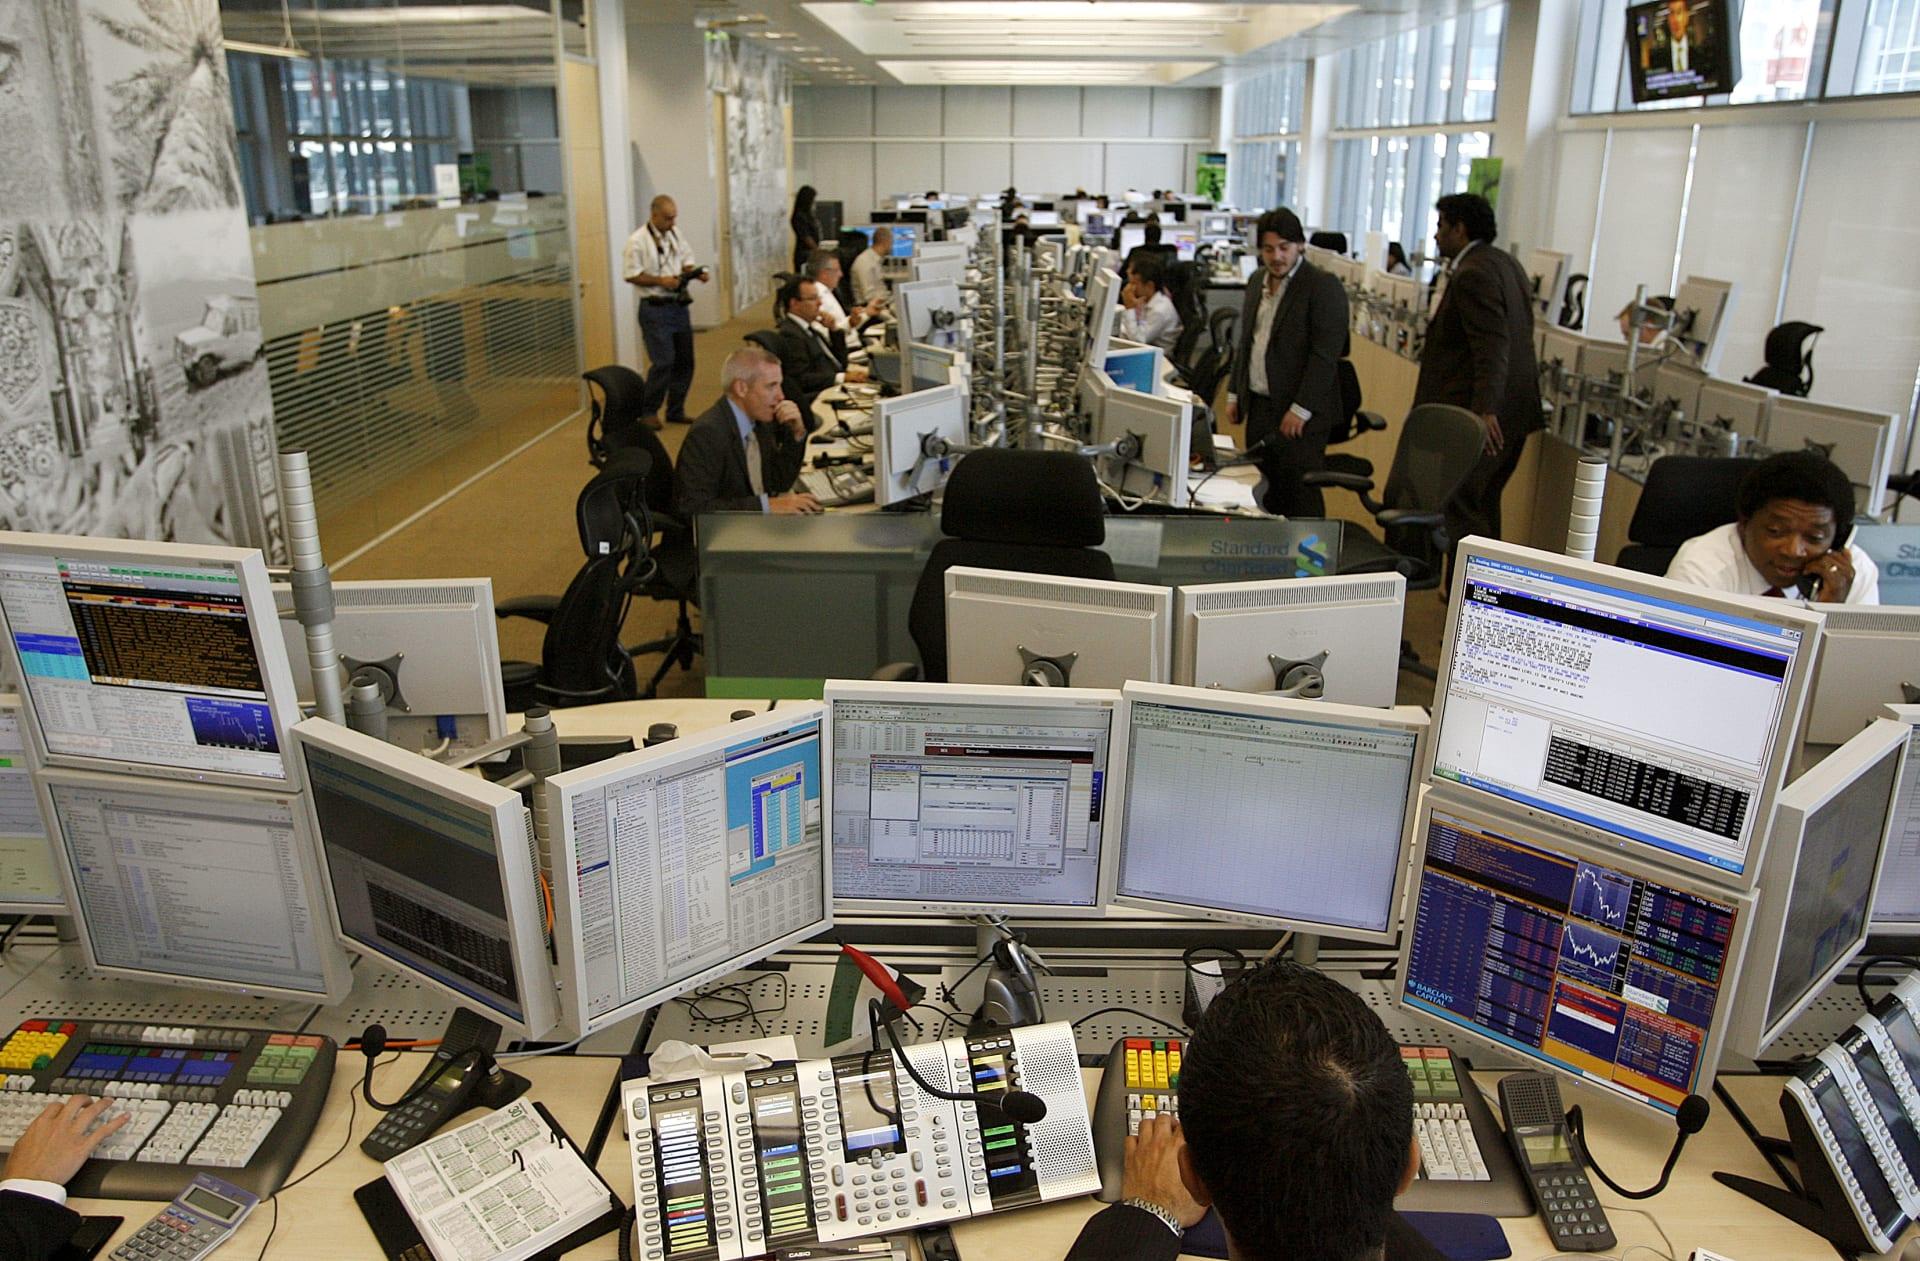 الإمارات تصدر قرارات جديدة بشأن أسر العاملين الأجانب